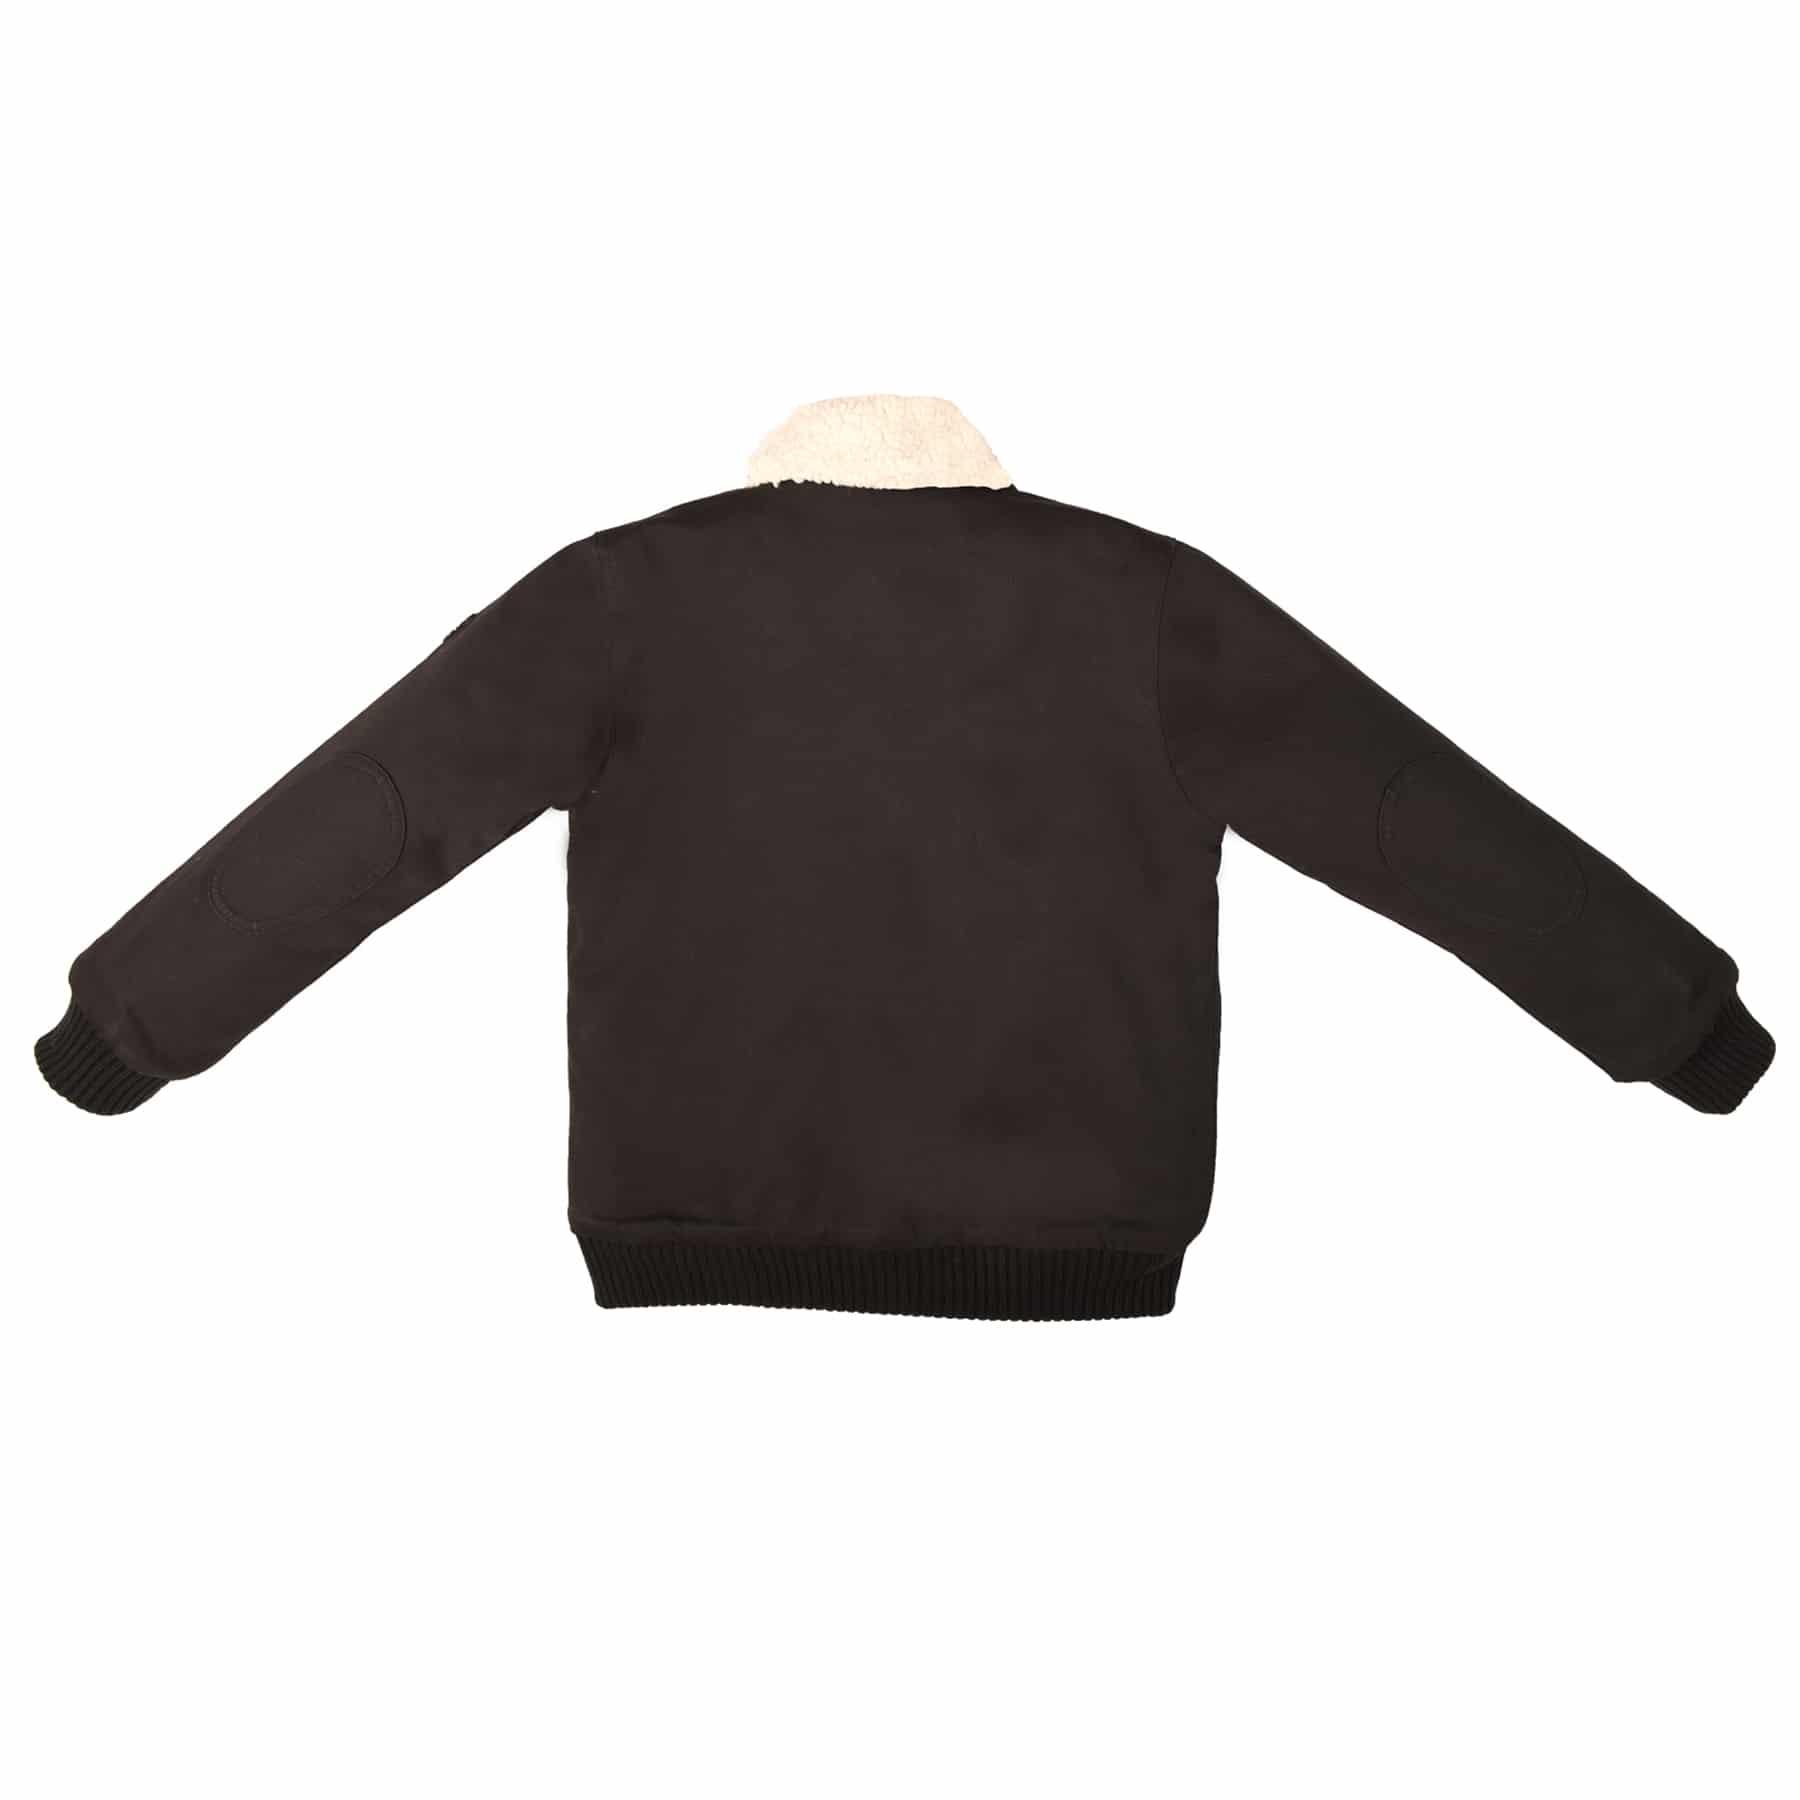 Blouson aviateur intersaison en coton matelassé noir, avec poches, fermeture éclair et doublure en fausse fourrure beige imitation mouton pour garçons de 2 à 12 ans. La Faute à Voltaire, marque créateur française pour enfants en commerce équitable.